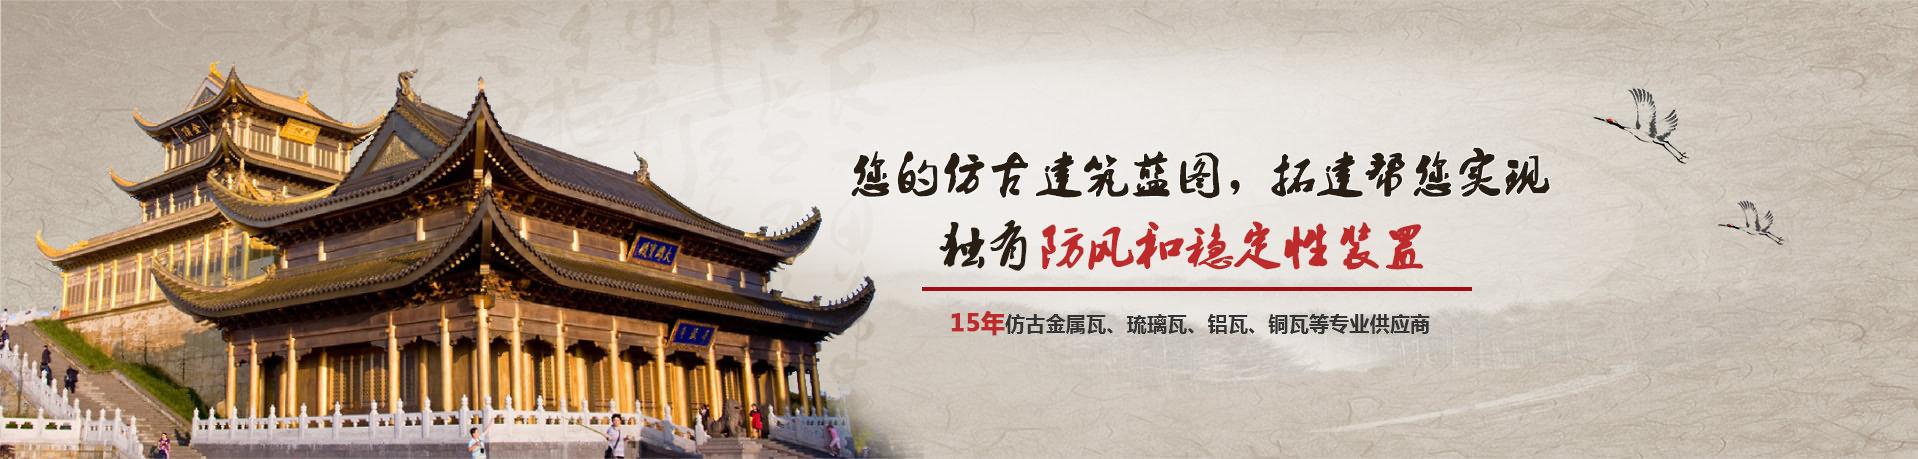 惠州市仲恺高新区潼侨镇福临门门业店